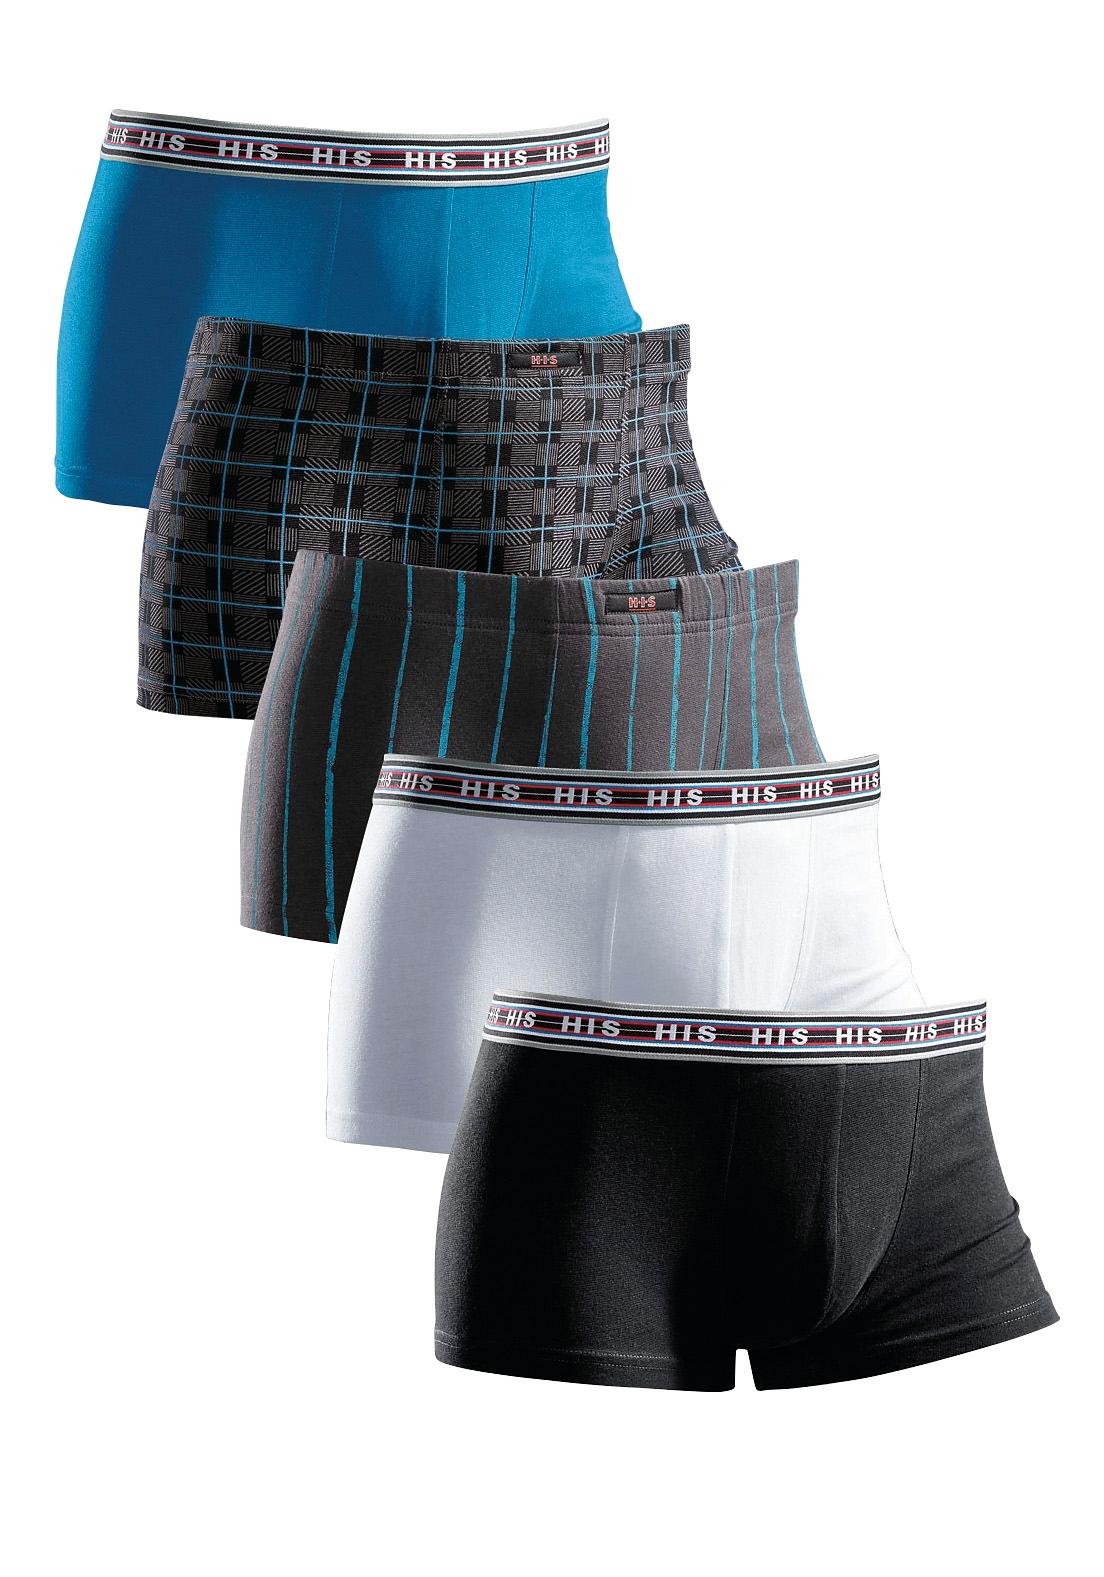 H.I.S boxershort (set van 5) coole mix: gedessineerd en uni in set, van katoen-stretch bij Lascana online kopen